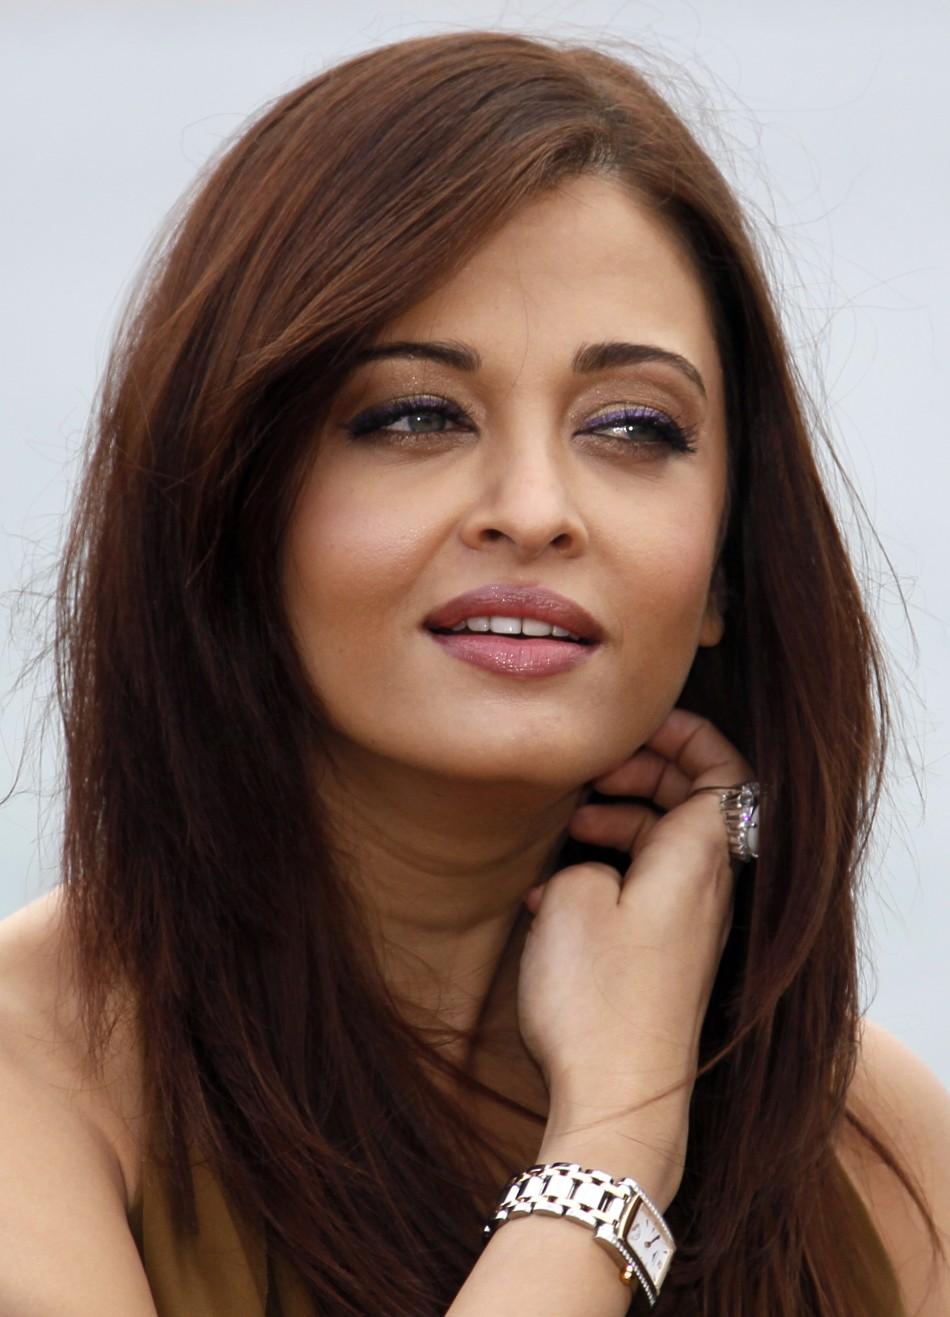 Speculations Rife On Aishwarya Rais Baby Ibtimes India